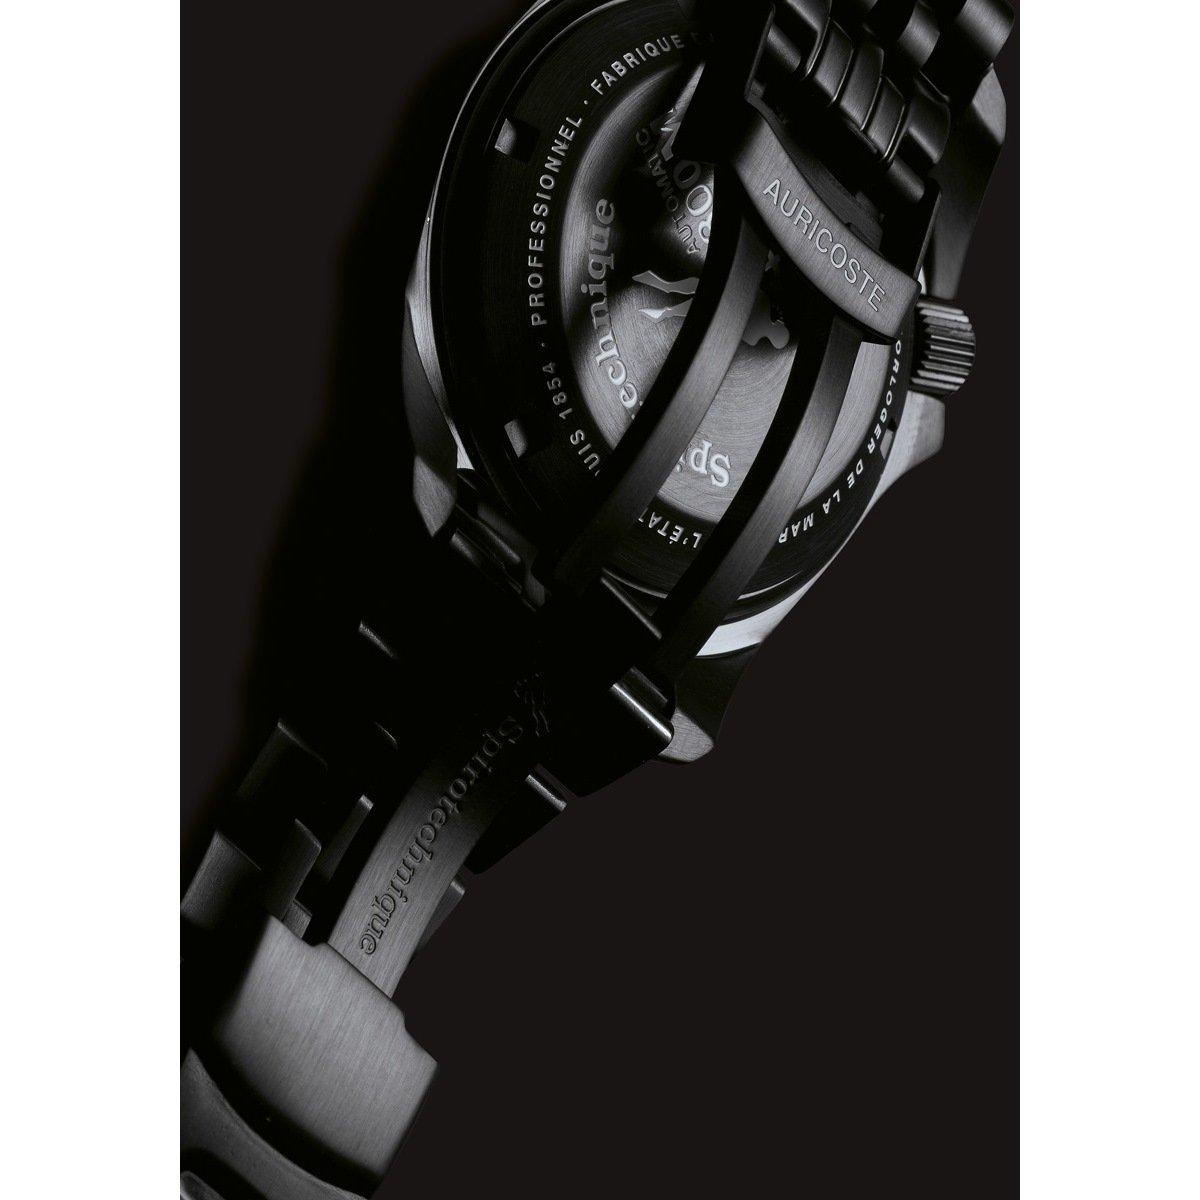 Montre Auricoste Spirotechnique 42mm 300m A9211 vue 2